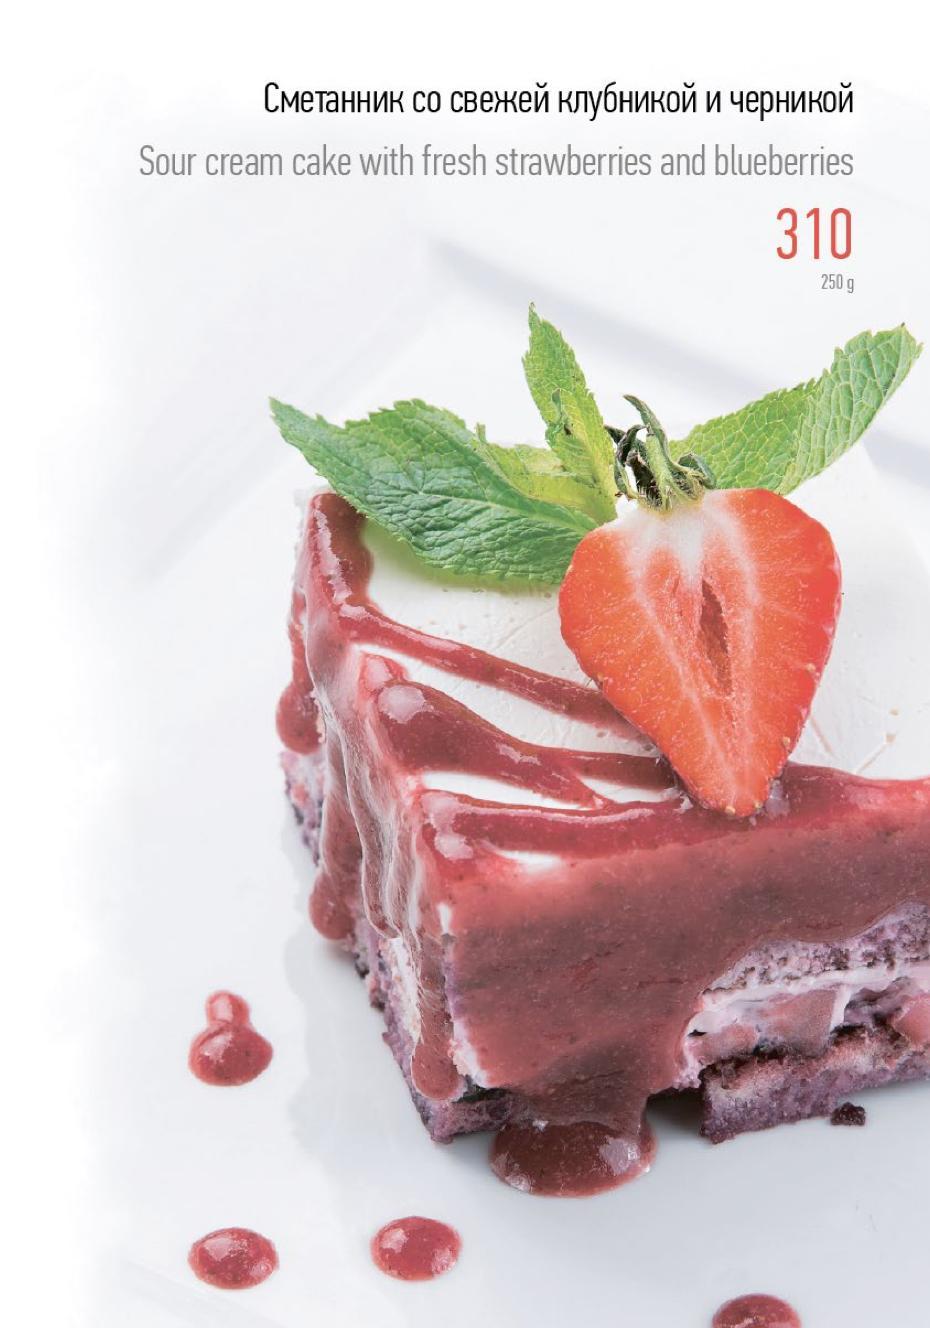 Новая десертная карта от сербского кондитера Игоря Поповича